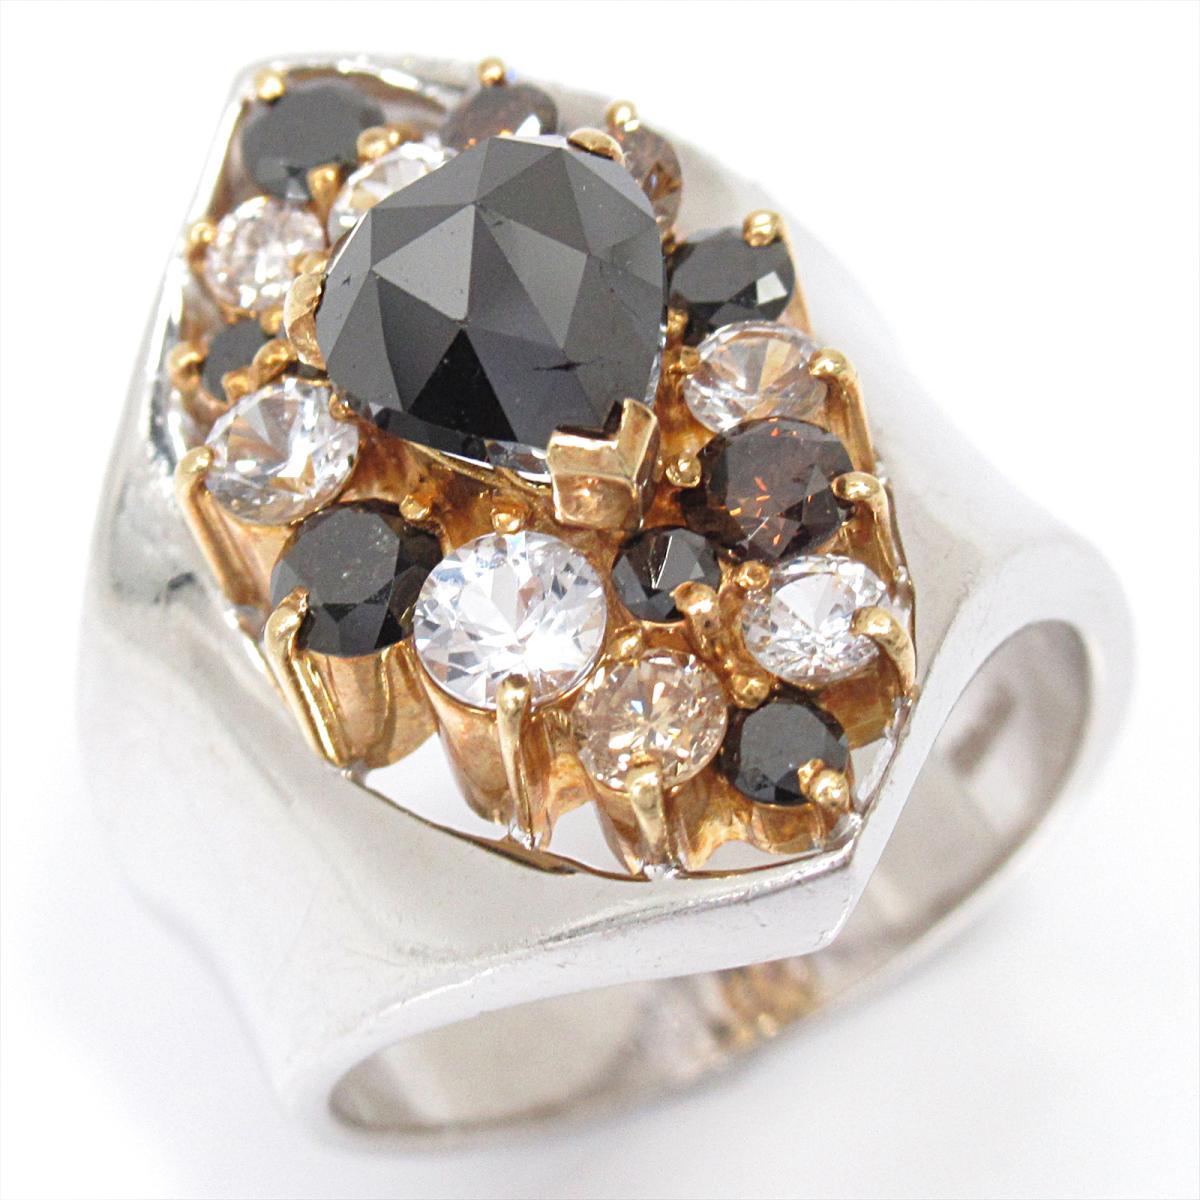 【中古】 ジュエリー ブラックダイヤモンド リング 指輪 レディース K18WG (750) ホワイトゴールド x K18YG (イエローゴールド) ダイヤモンド | JEWELRY BRANDOFF ブランドオフ ブランド アクセサリー